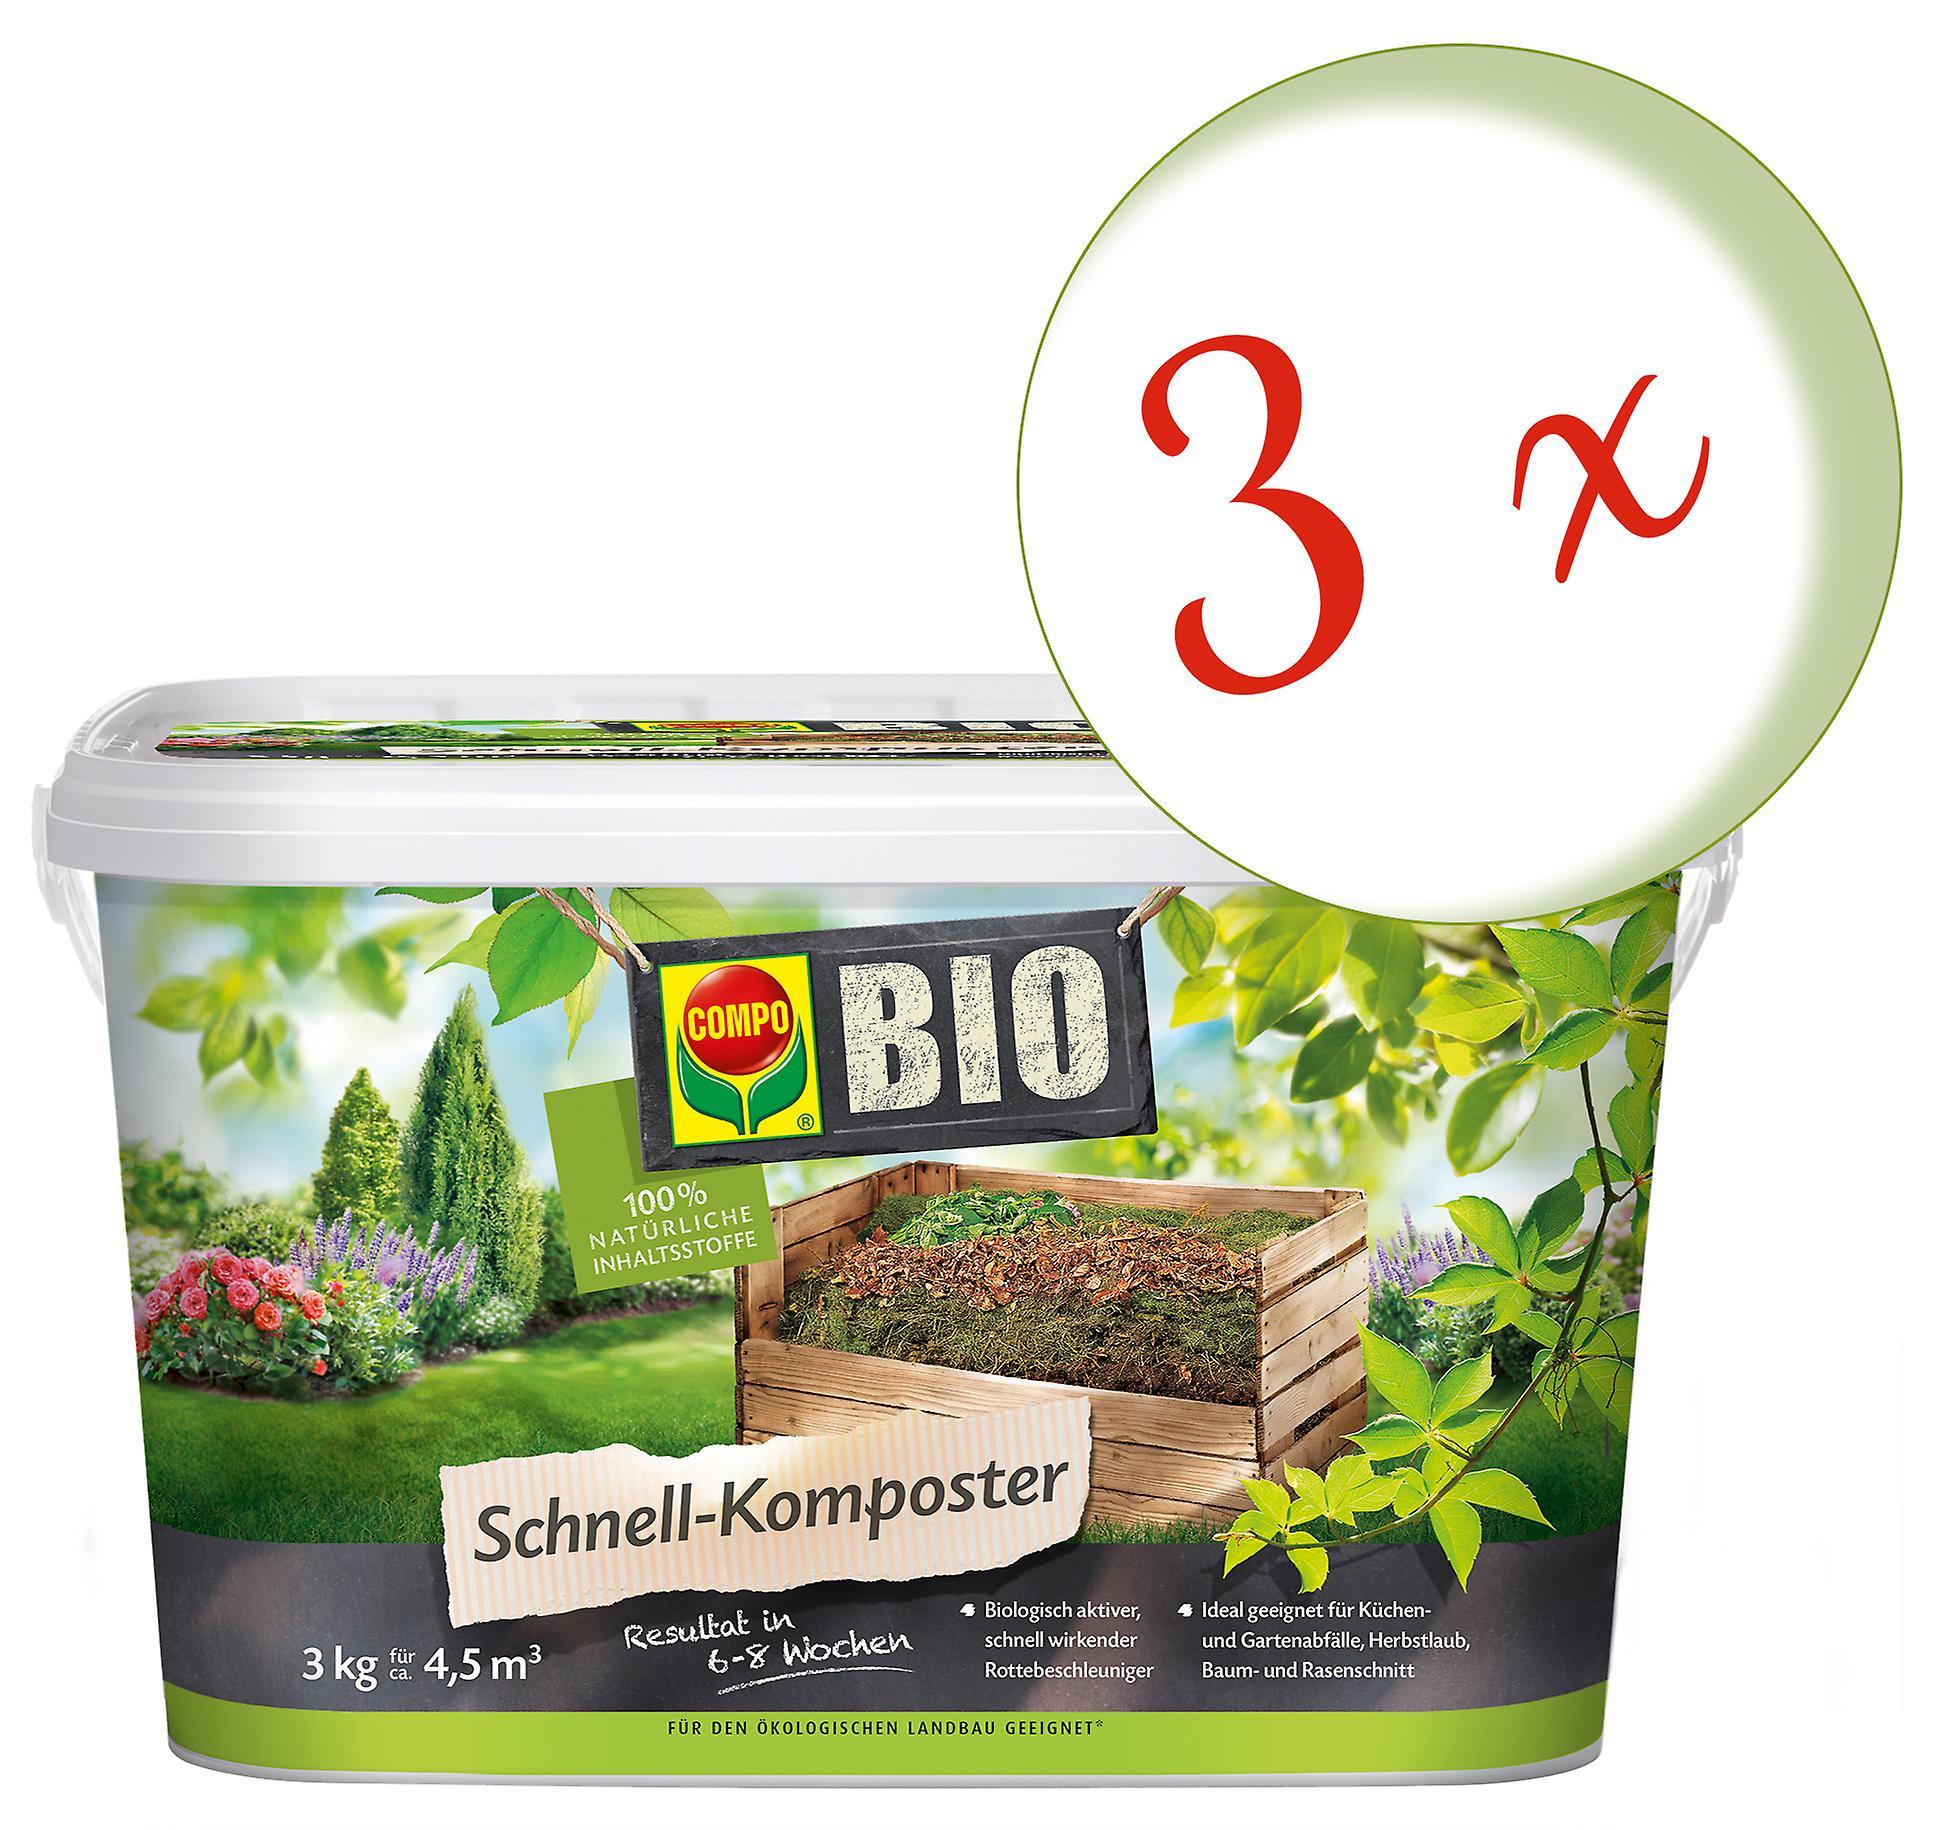 Sparset: 20 x COMPO BIO Schnell-Komposter, 20 kg